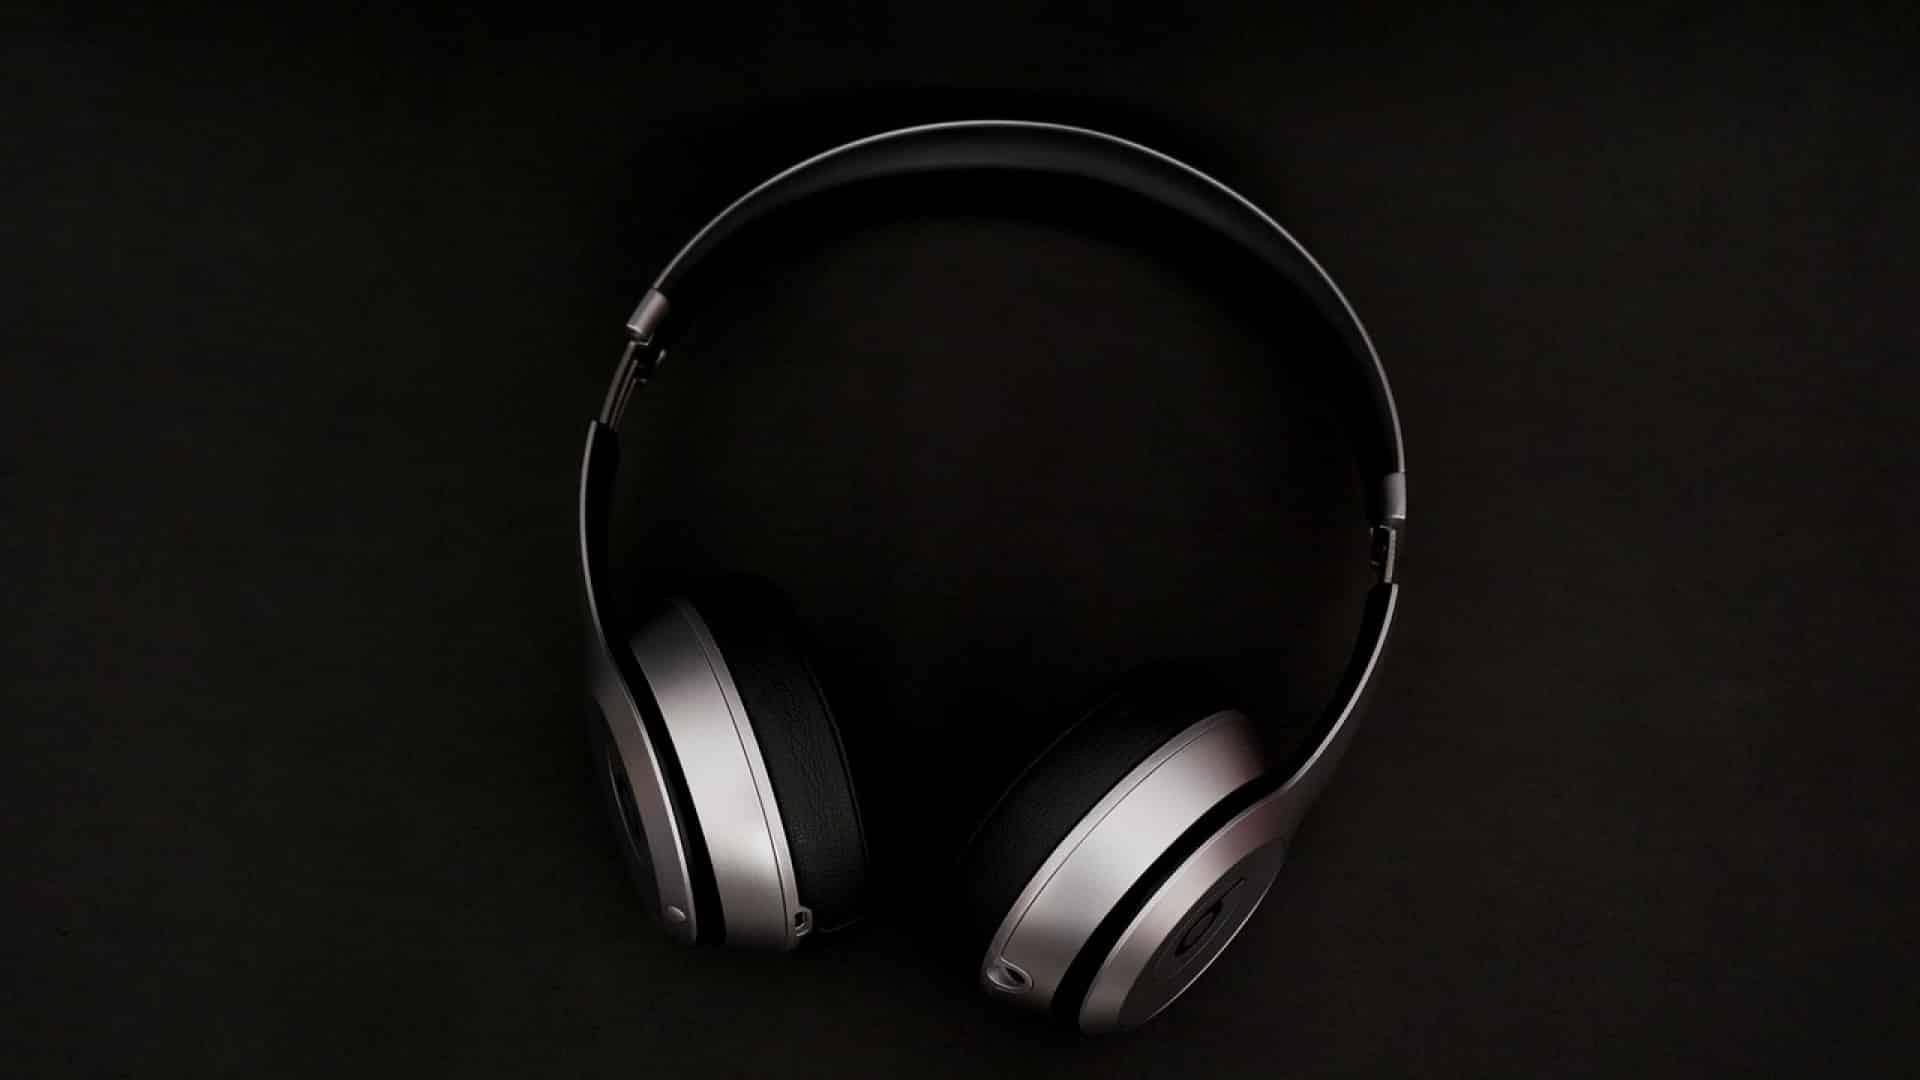 Comment choisir son casque anti-bruit ?